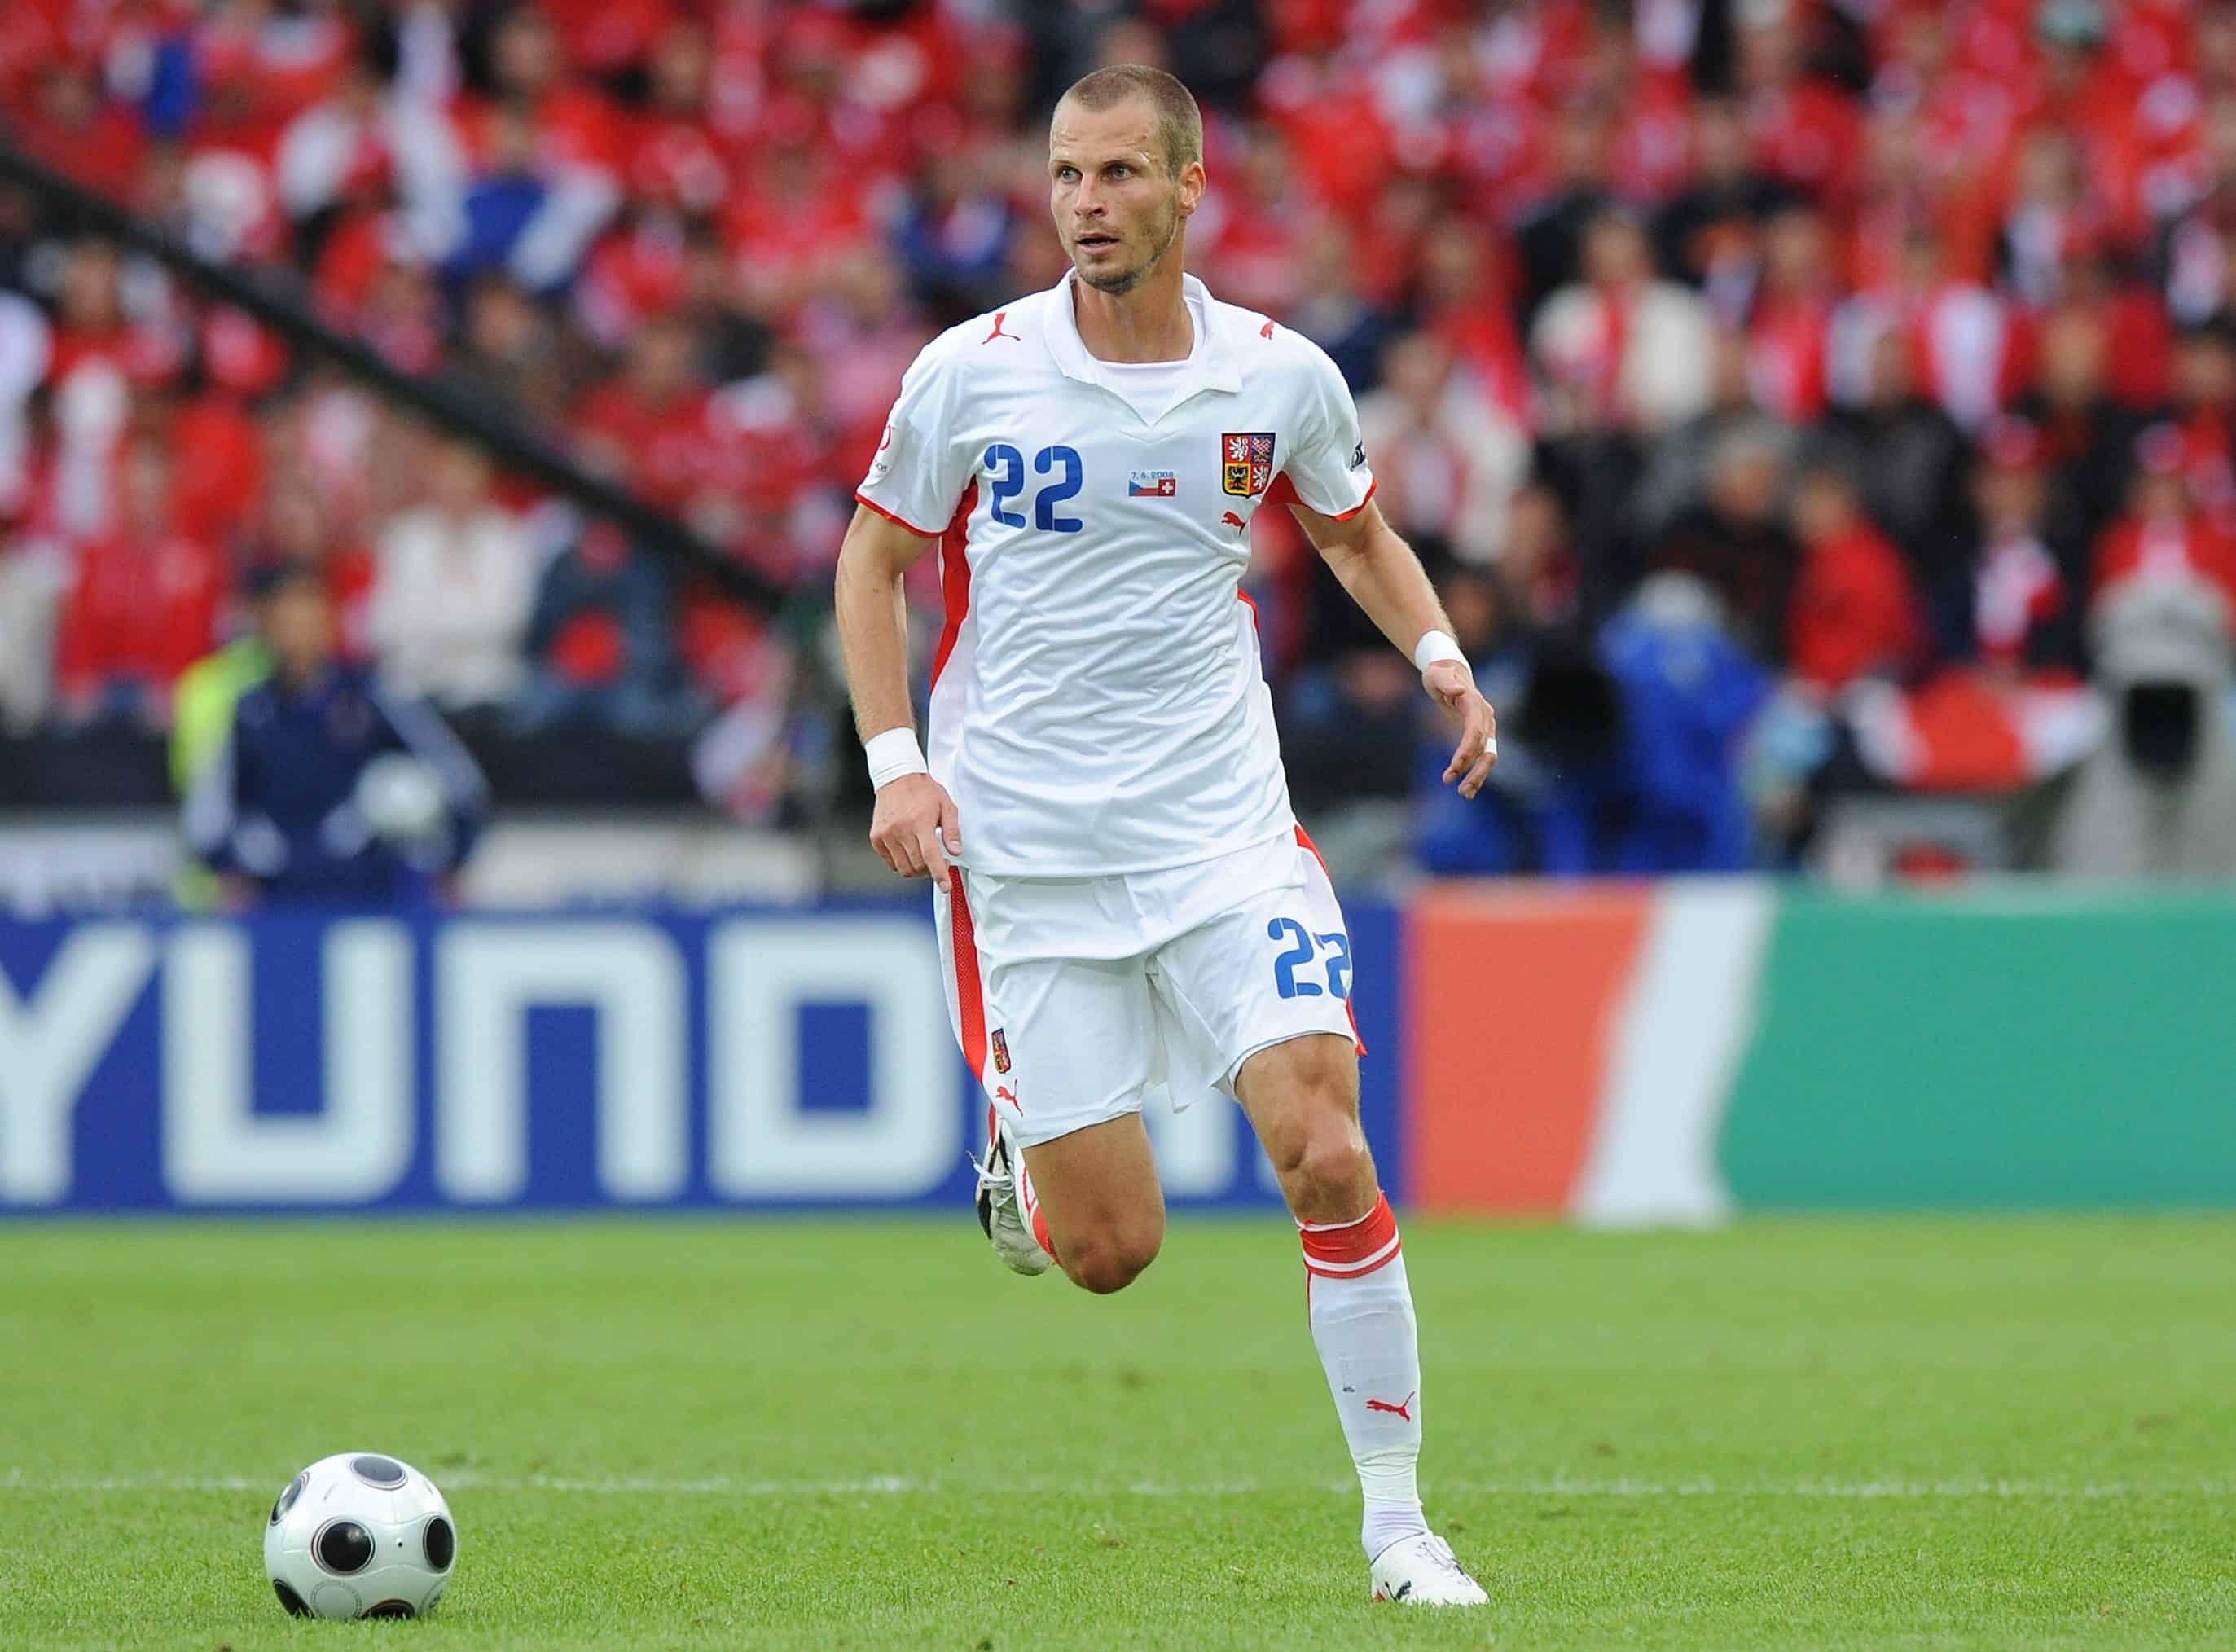 David Rozehnal Tschechien EURO 2008 Vorrunde Schweiz - Tschechien